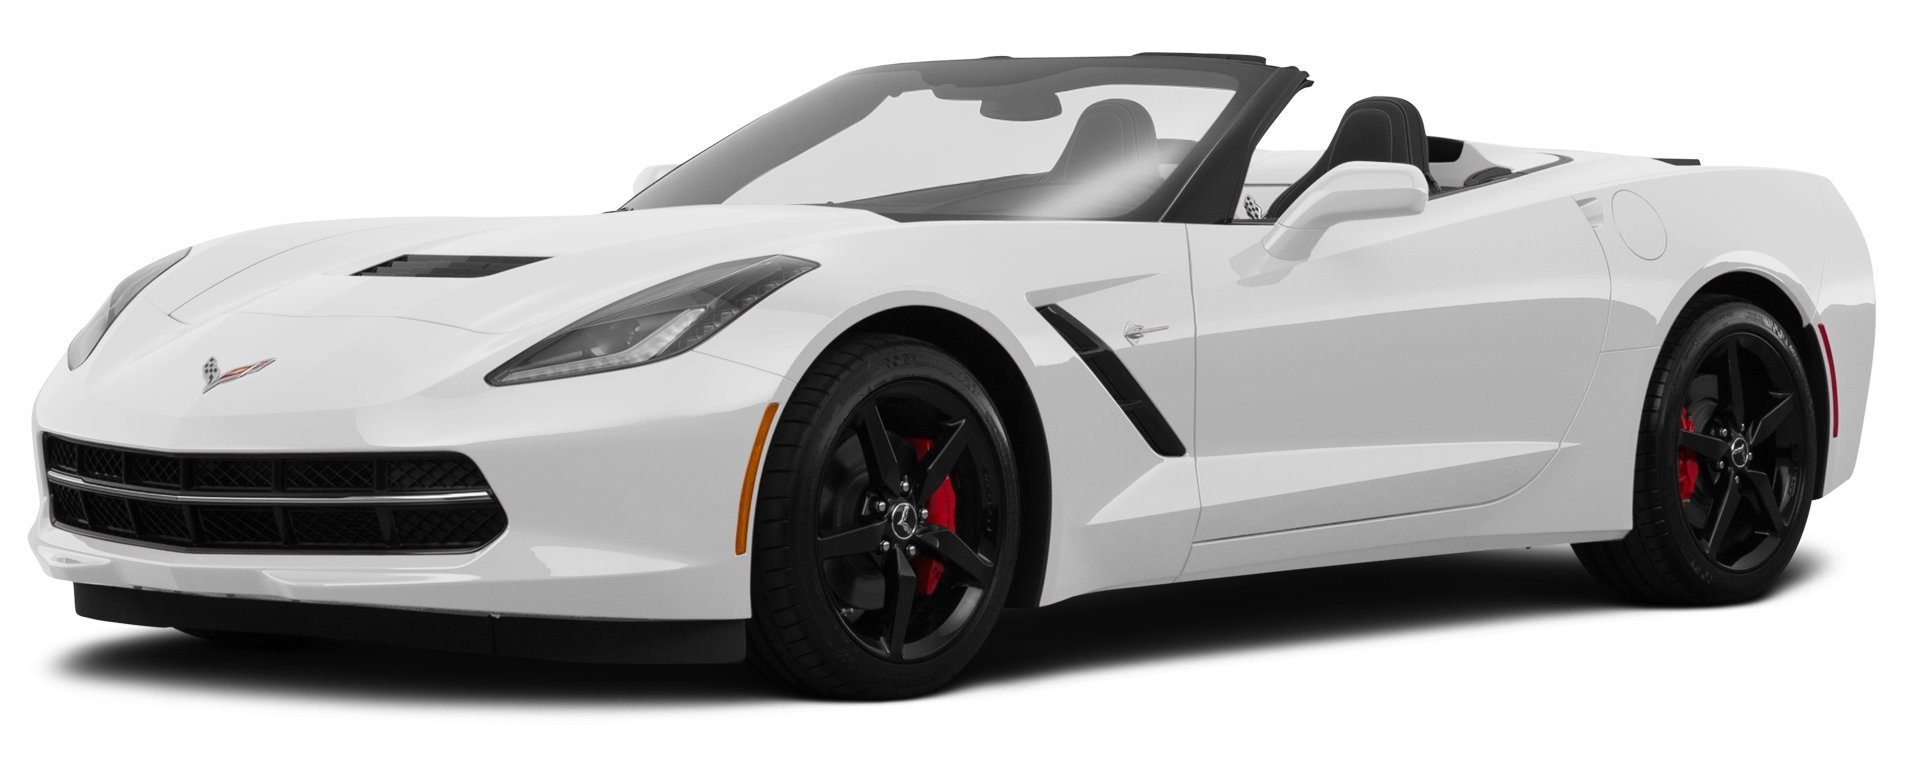 2015 chevrolet corvette 1lt 2 door stingray convertible - Corvette 2015 White